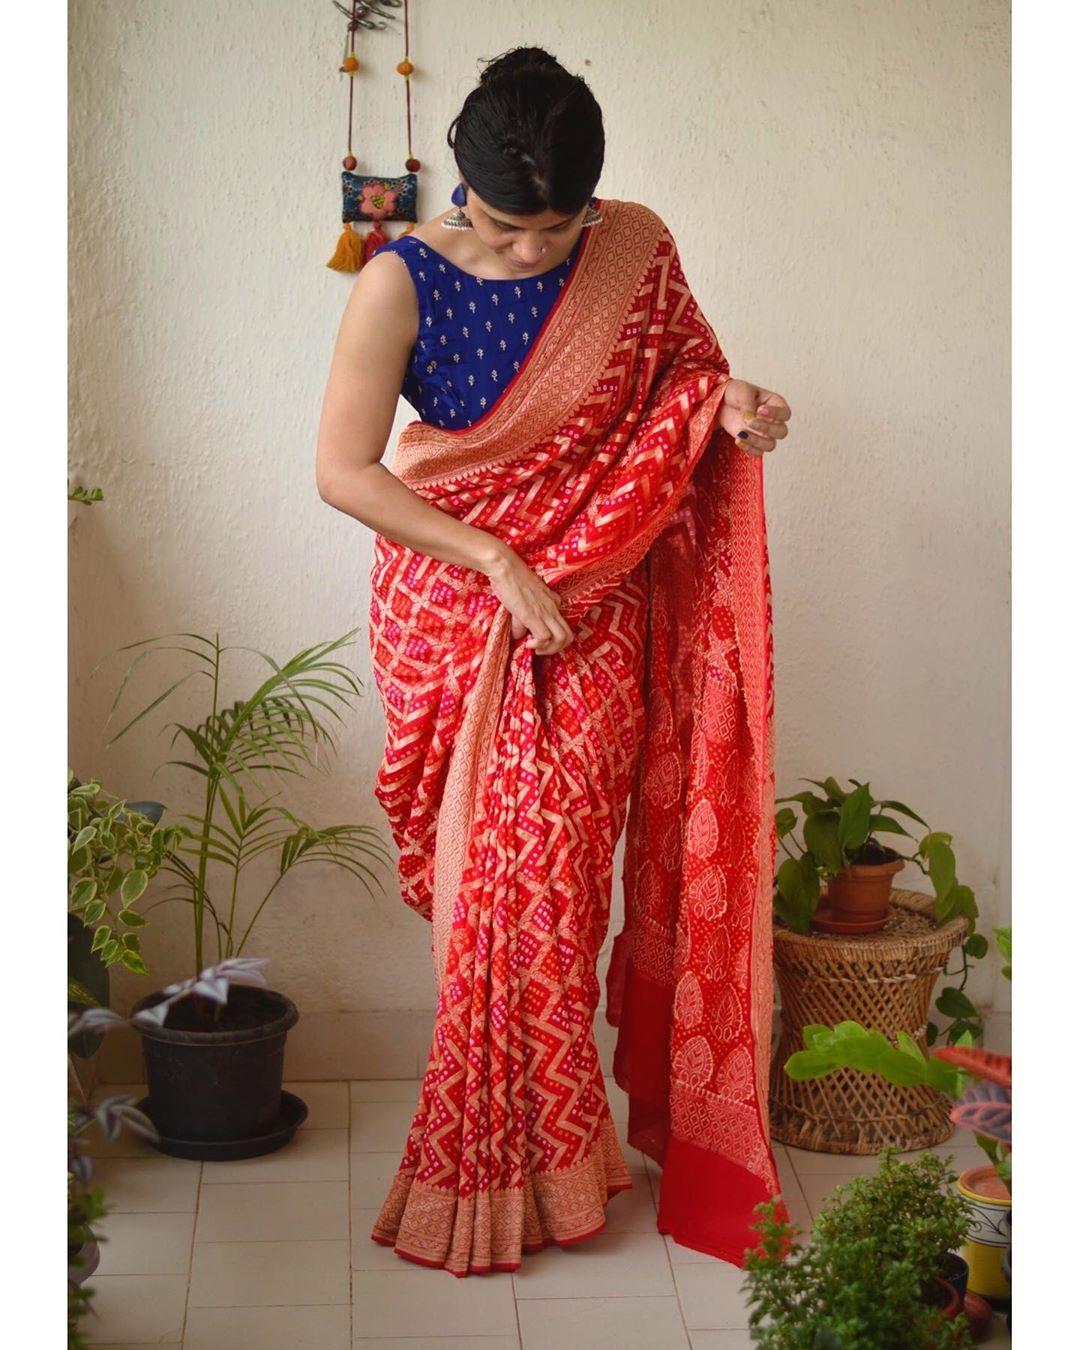 banarasi-sarees-latest-designs-3